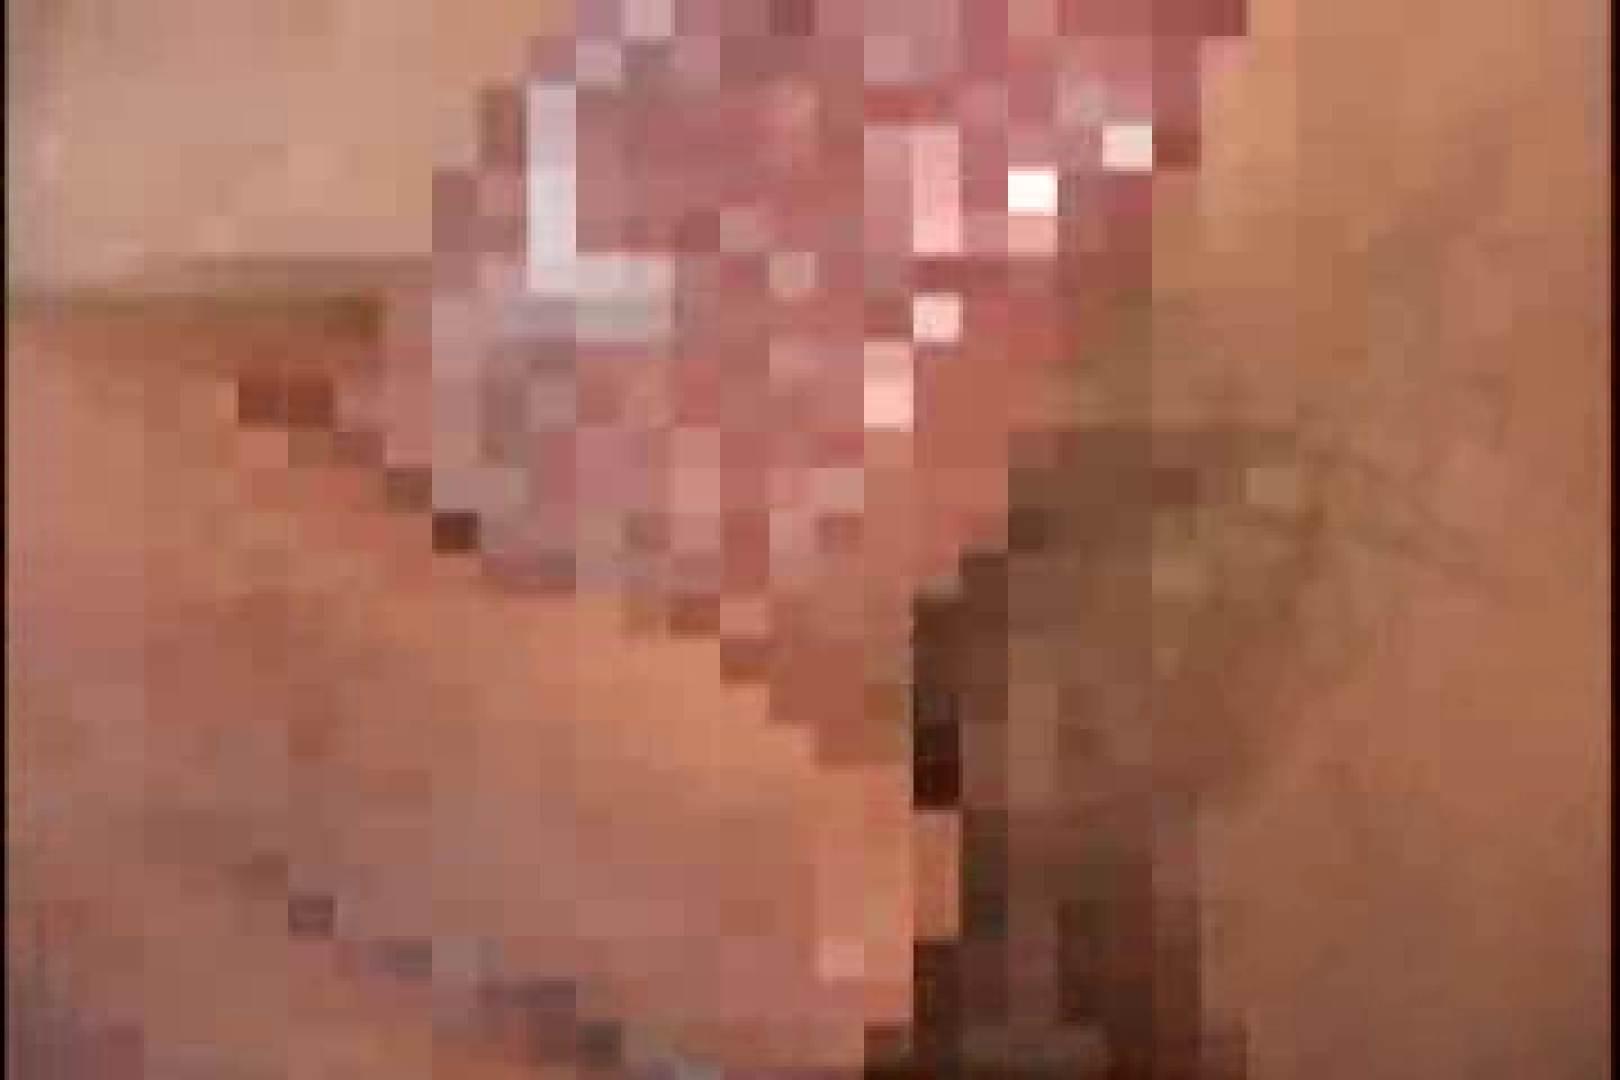 【期間限定】大集合!!カッコ可愛いメンズの一穴入根!!vol.55 騎乗位 ゲイフェラチオ画像 69枚 17